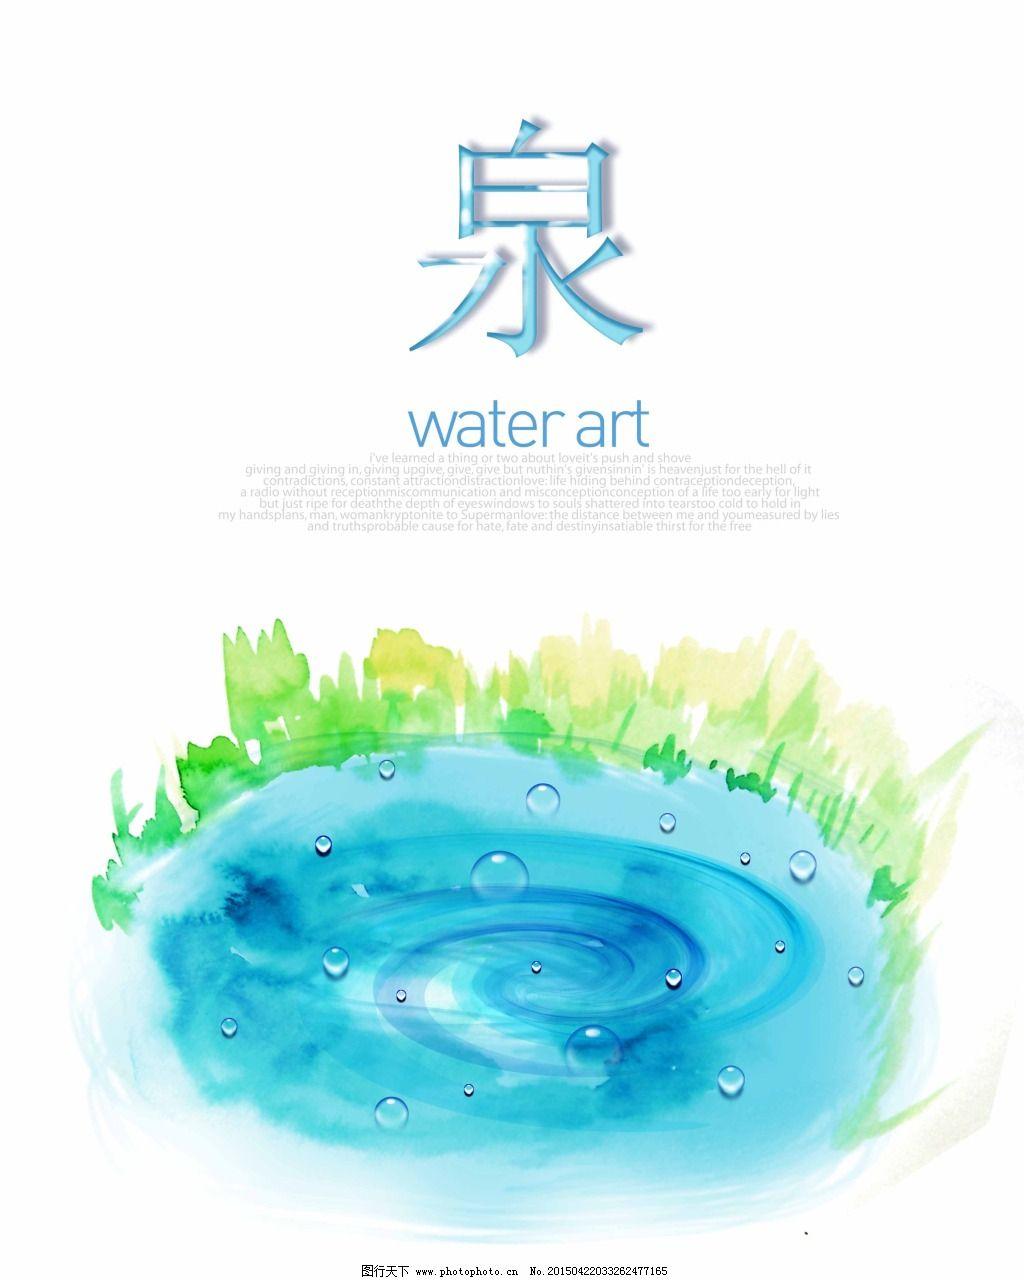 泉水叮咚免费下载 风景 泉 手绘 树林 水彩 水珠 泉 水 水珠 风景